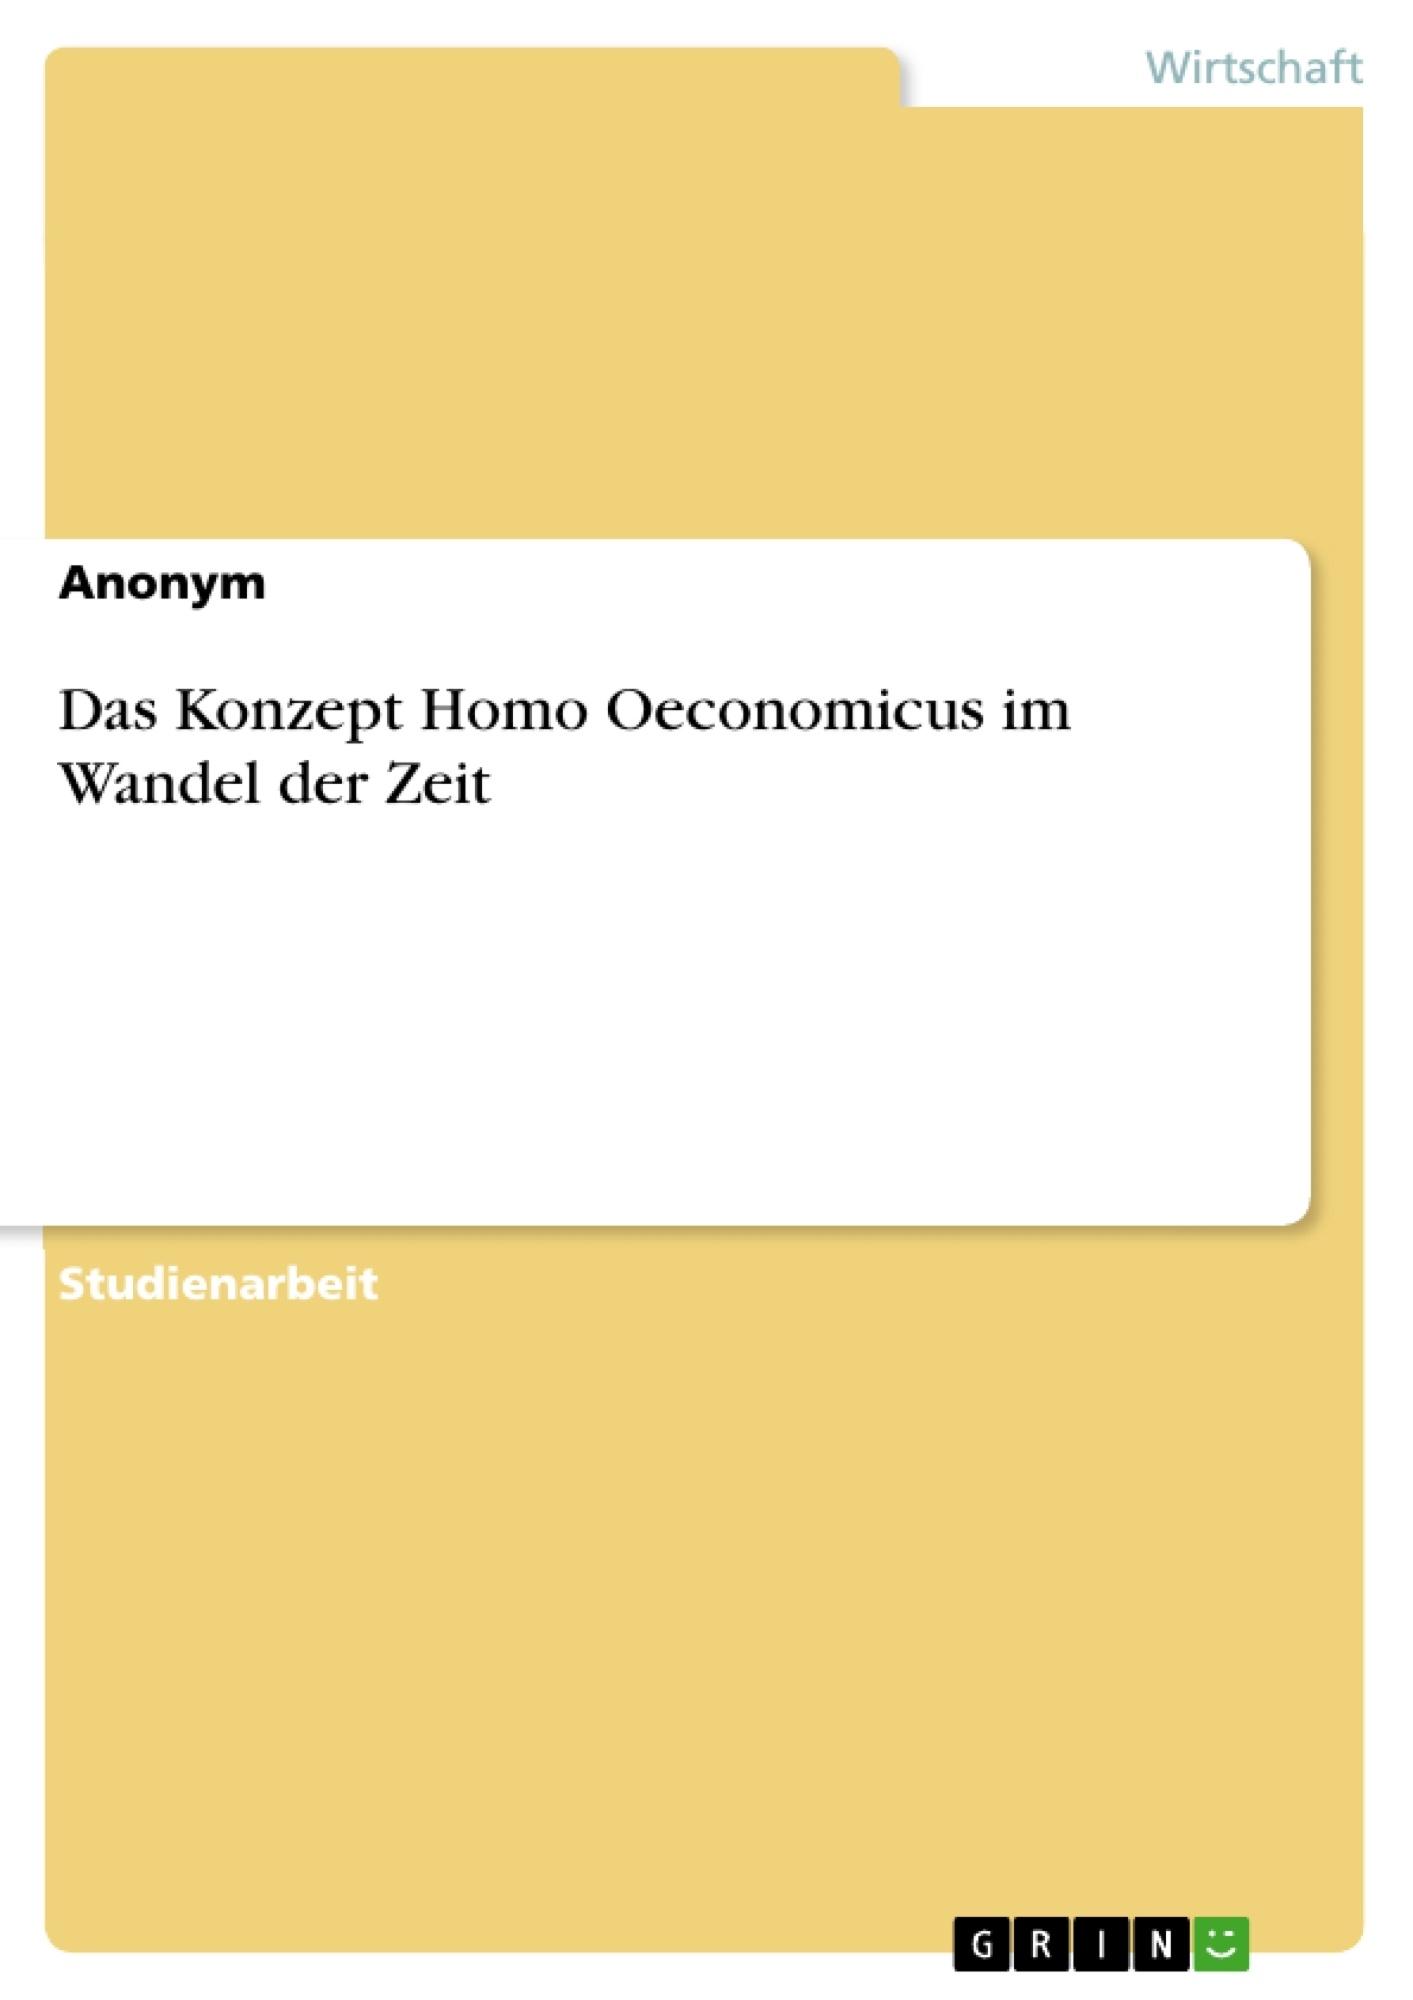 Titel: Das Konzept Homo Oeconomicus im Wandel der Zeit